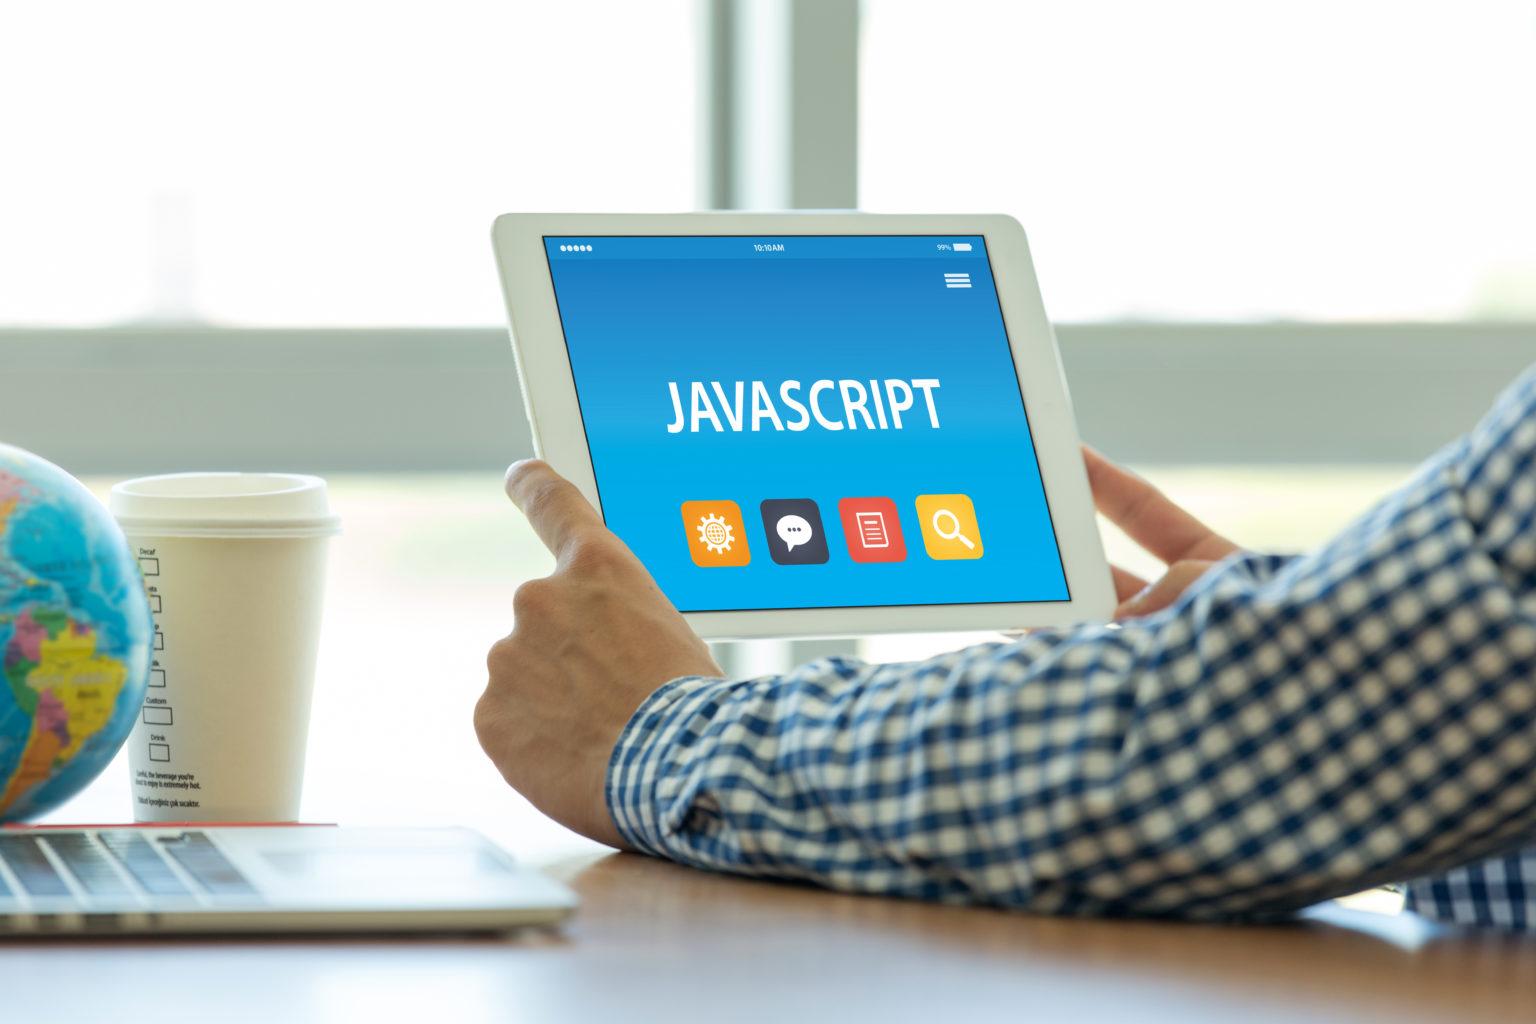 タブレット PC 画面上の JAVASCRIPT のコンセプト